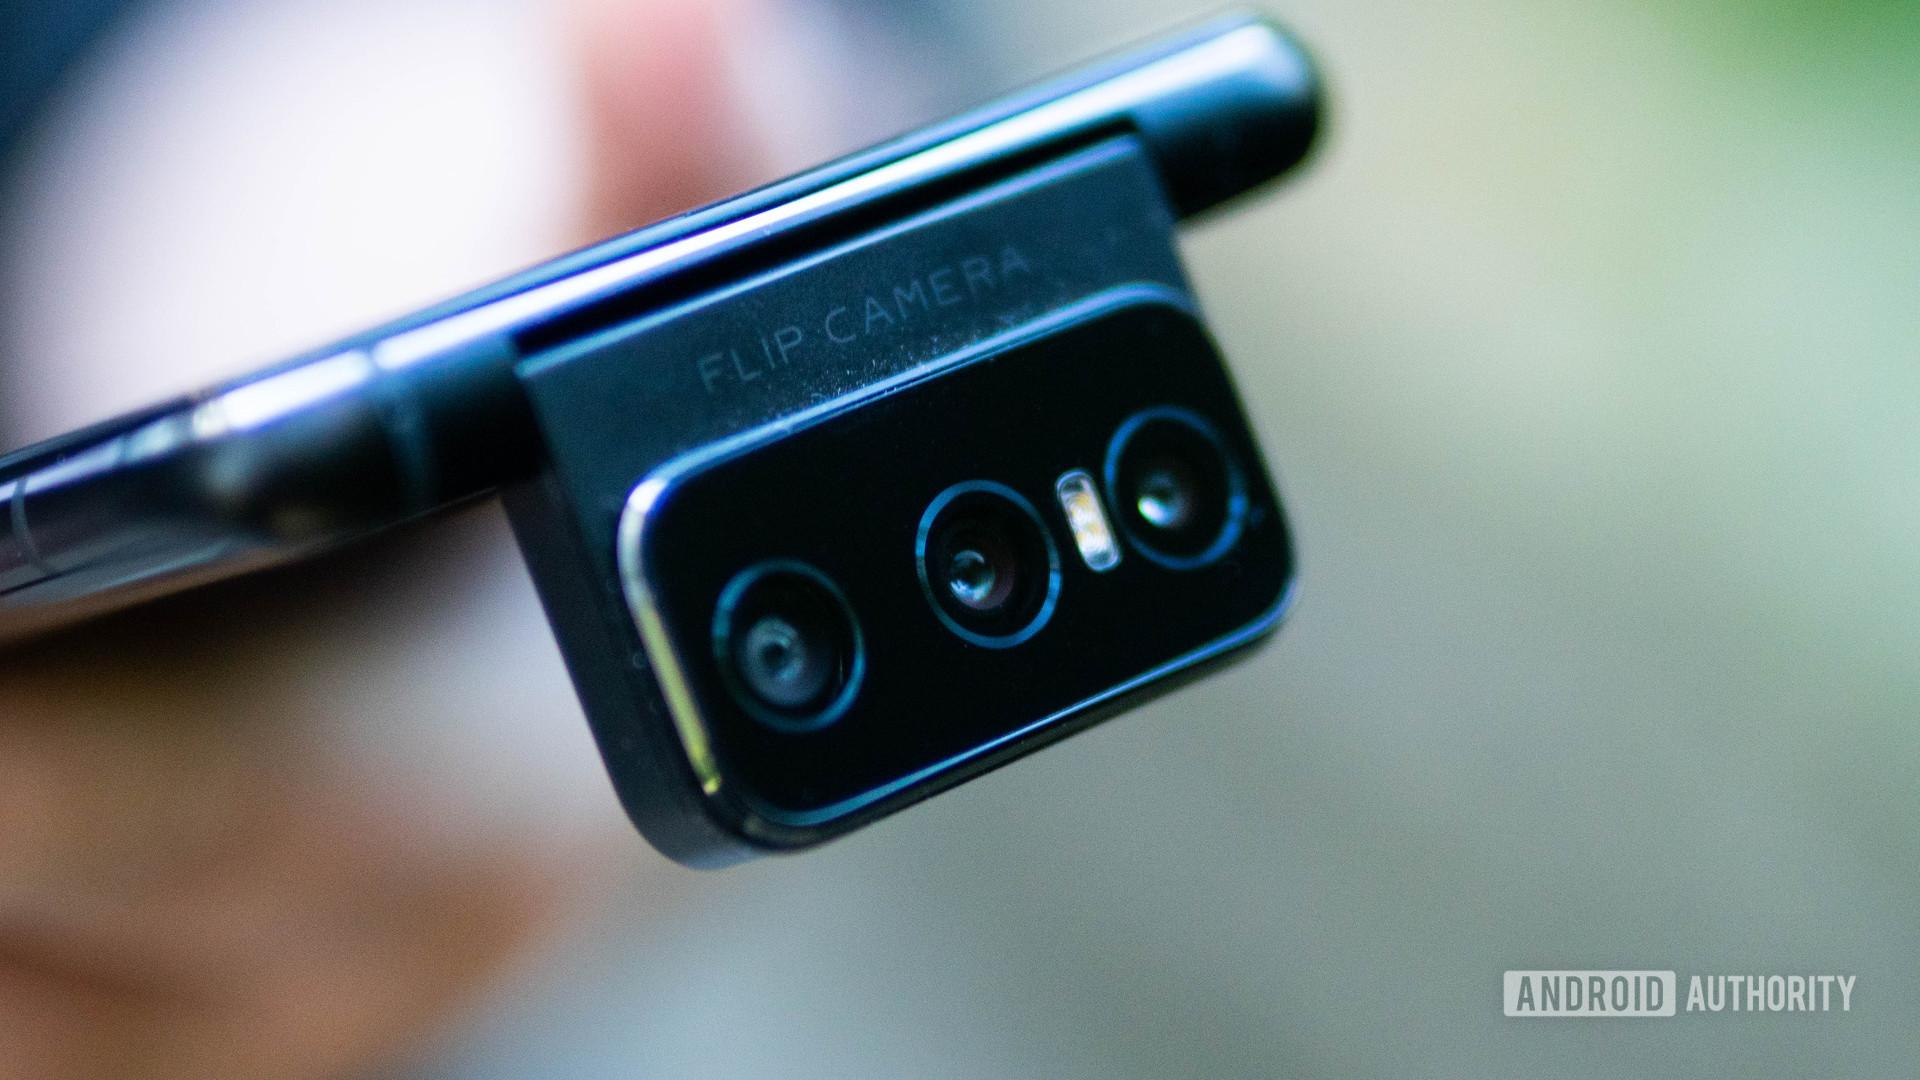 Asus Zenfone 7 Pro triple flip camera module